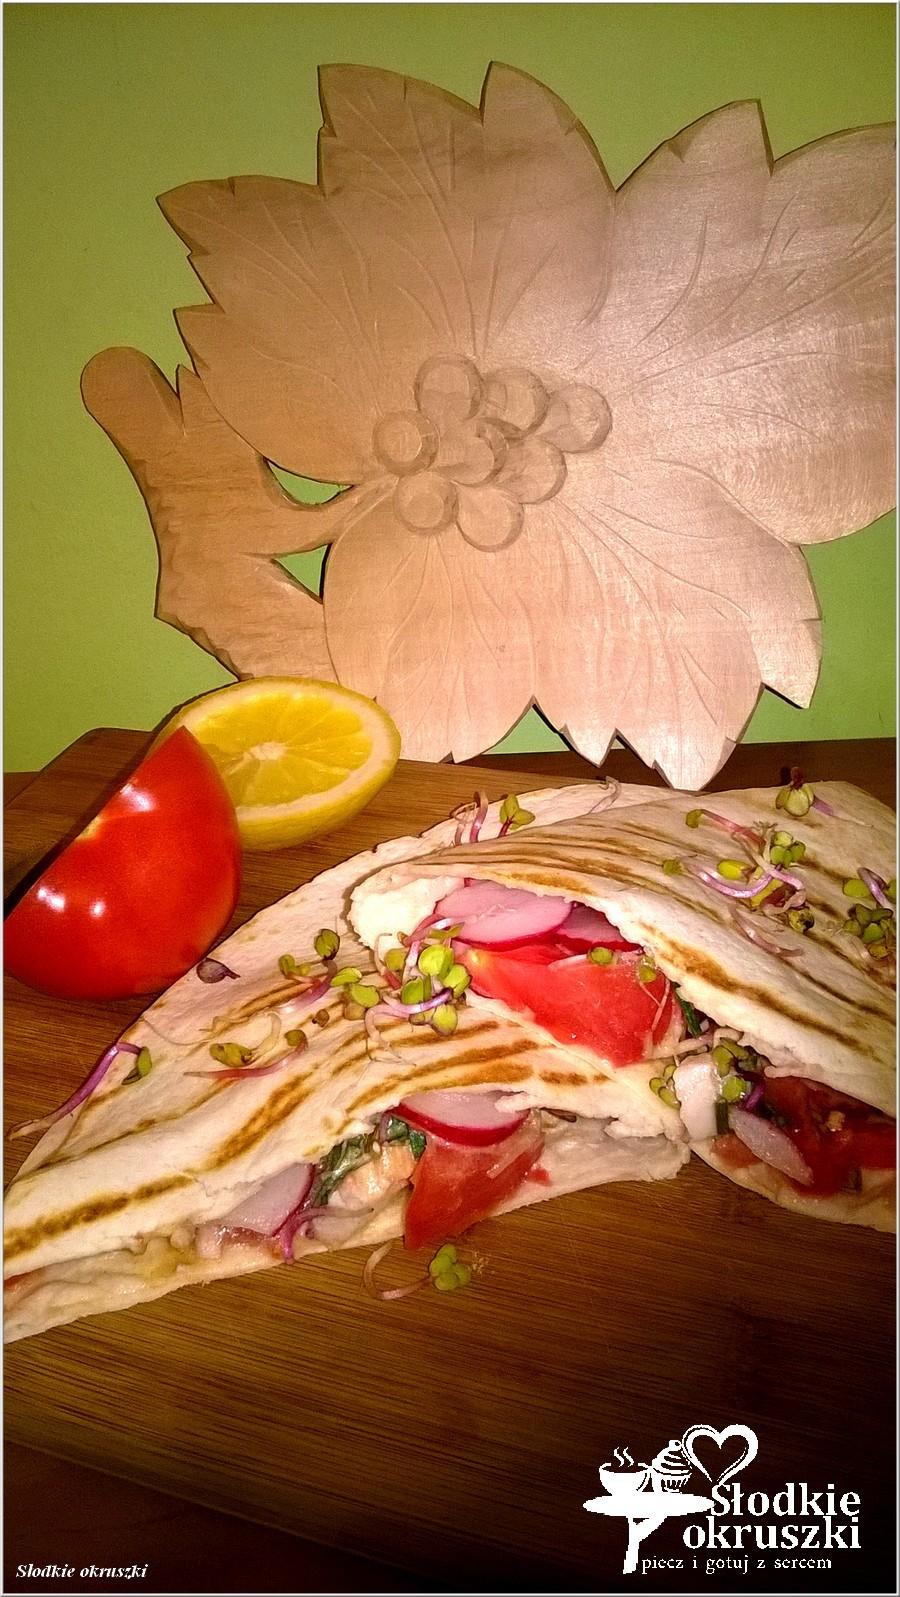 Grillowana tortilla z kurczakiem i warzywami w sosie musztardowym (2)